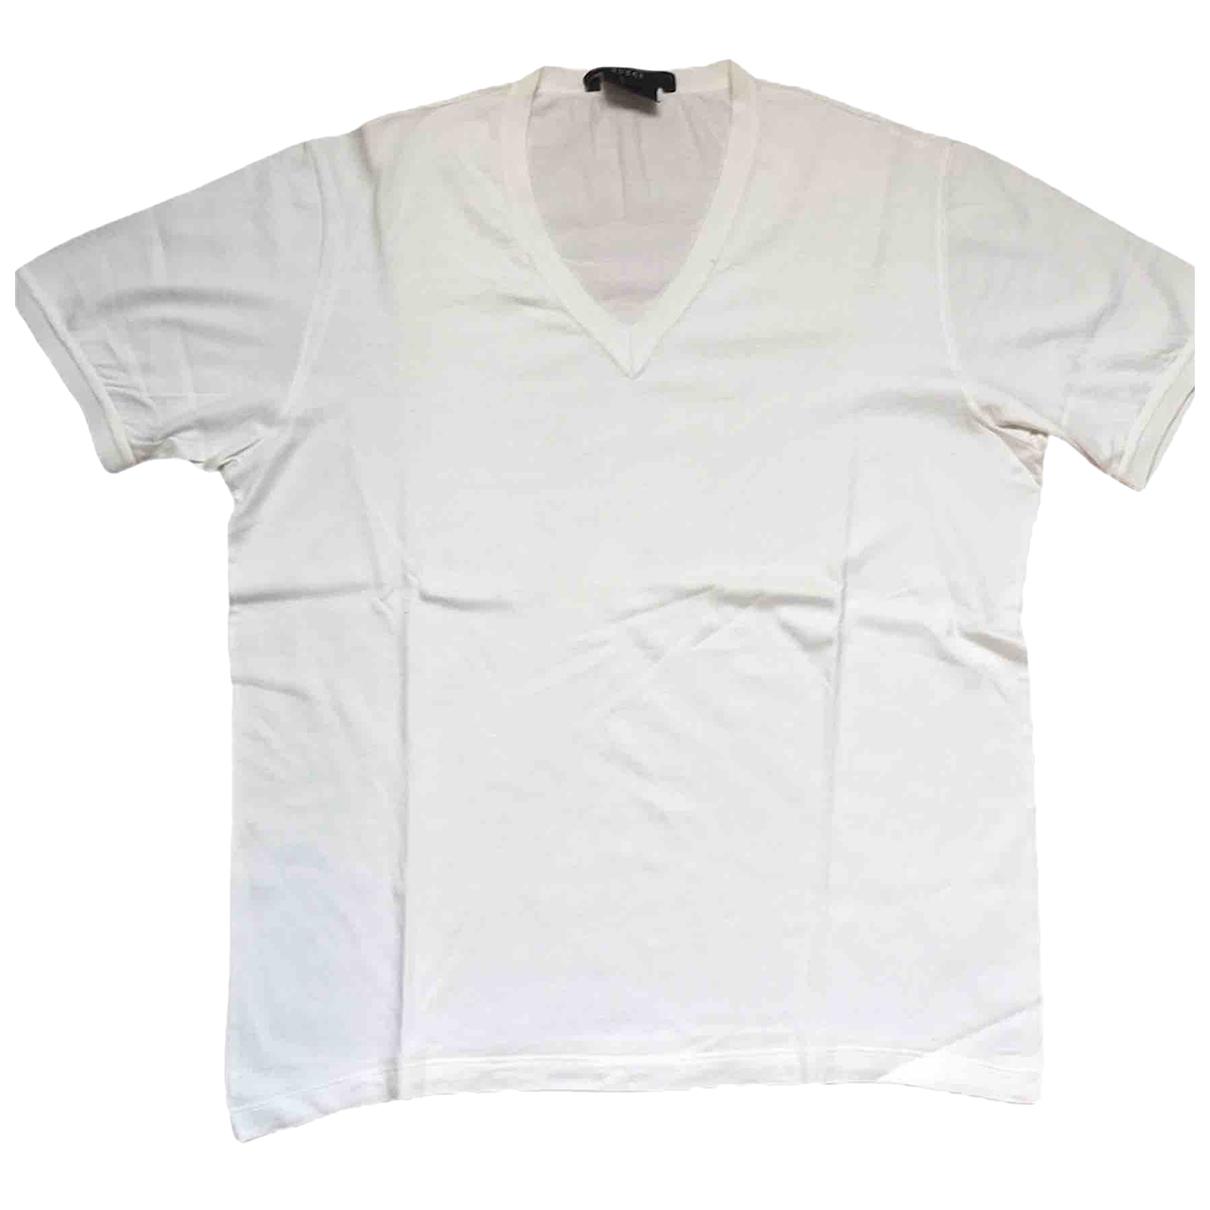 Gucci - Tee shirts   pour homme en coton - blanc